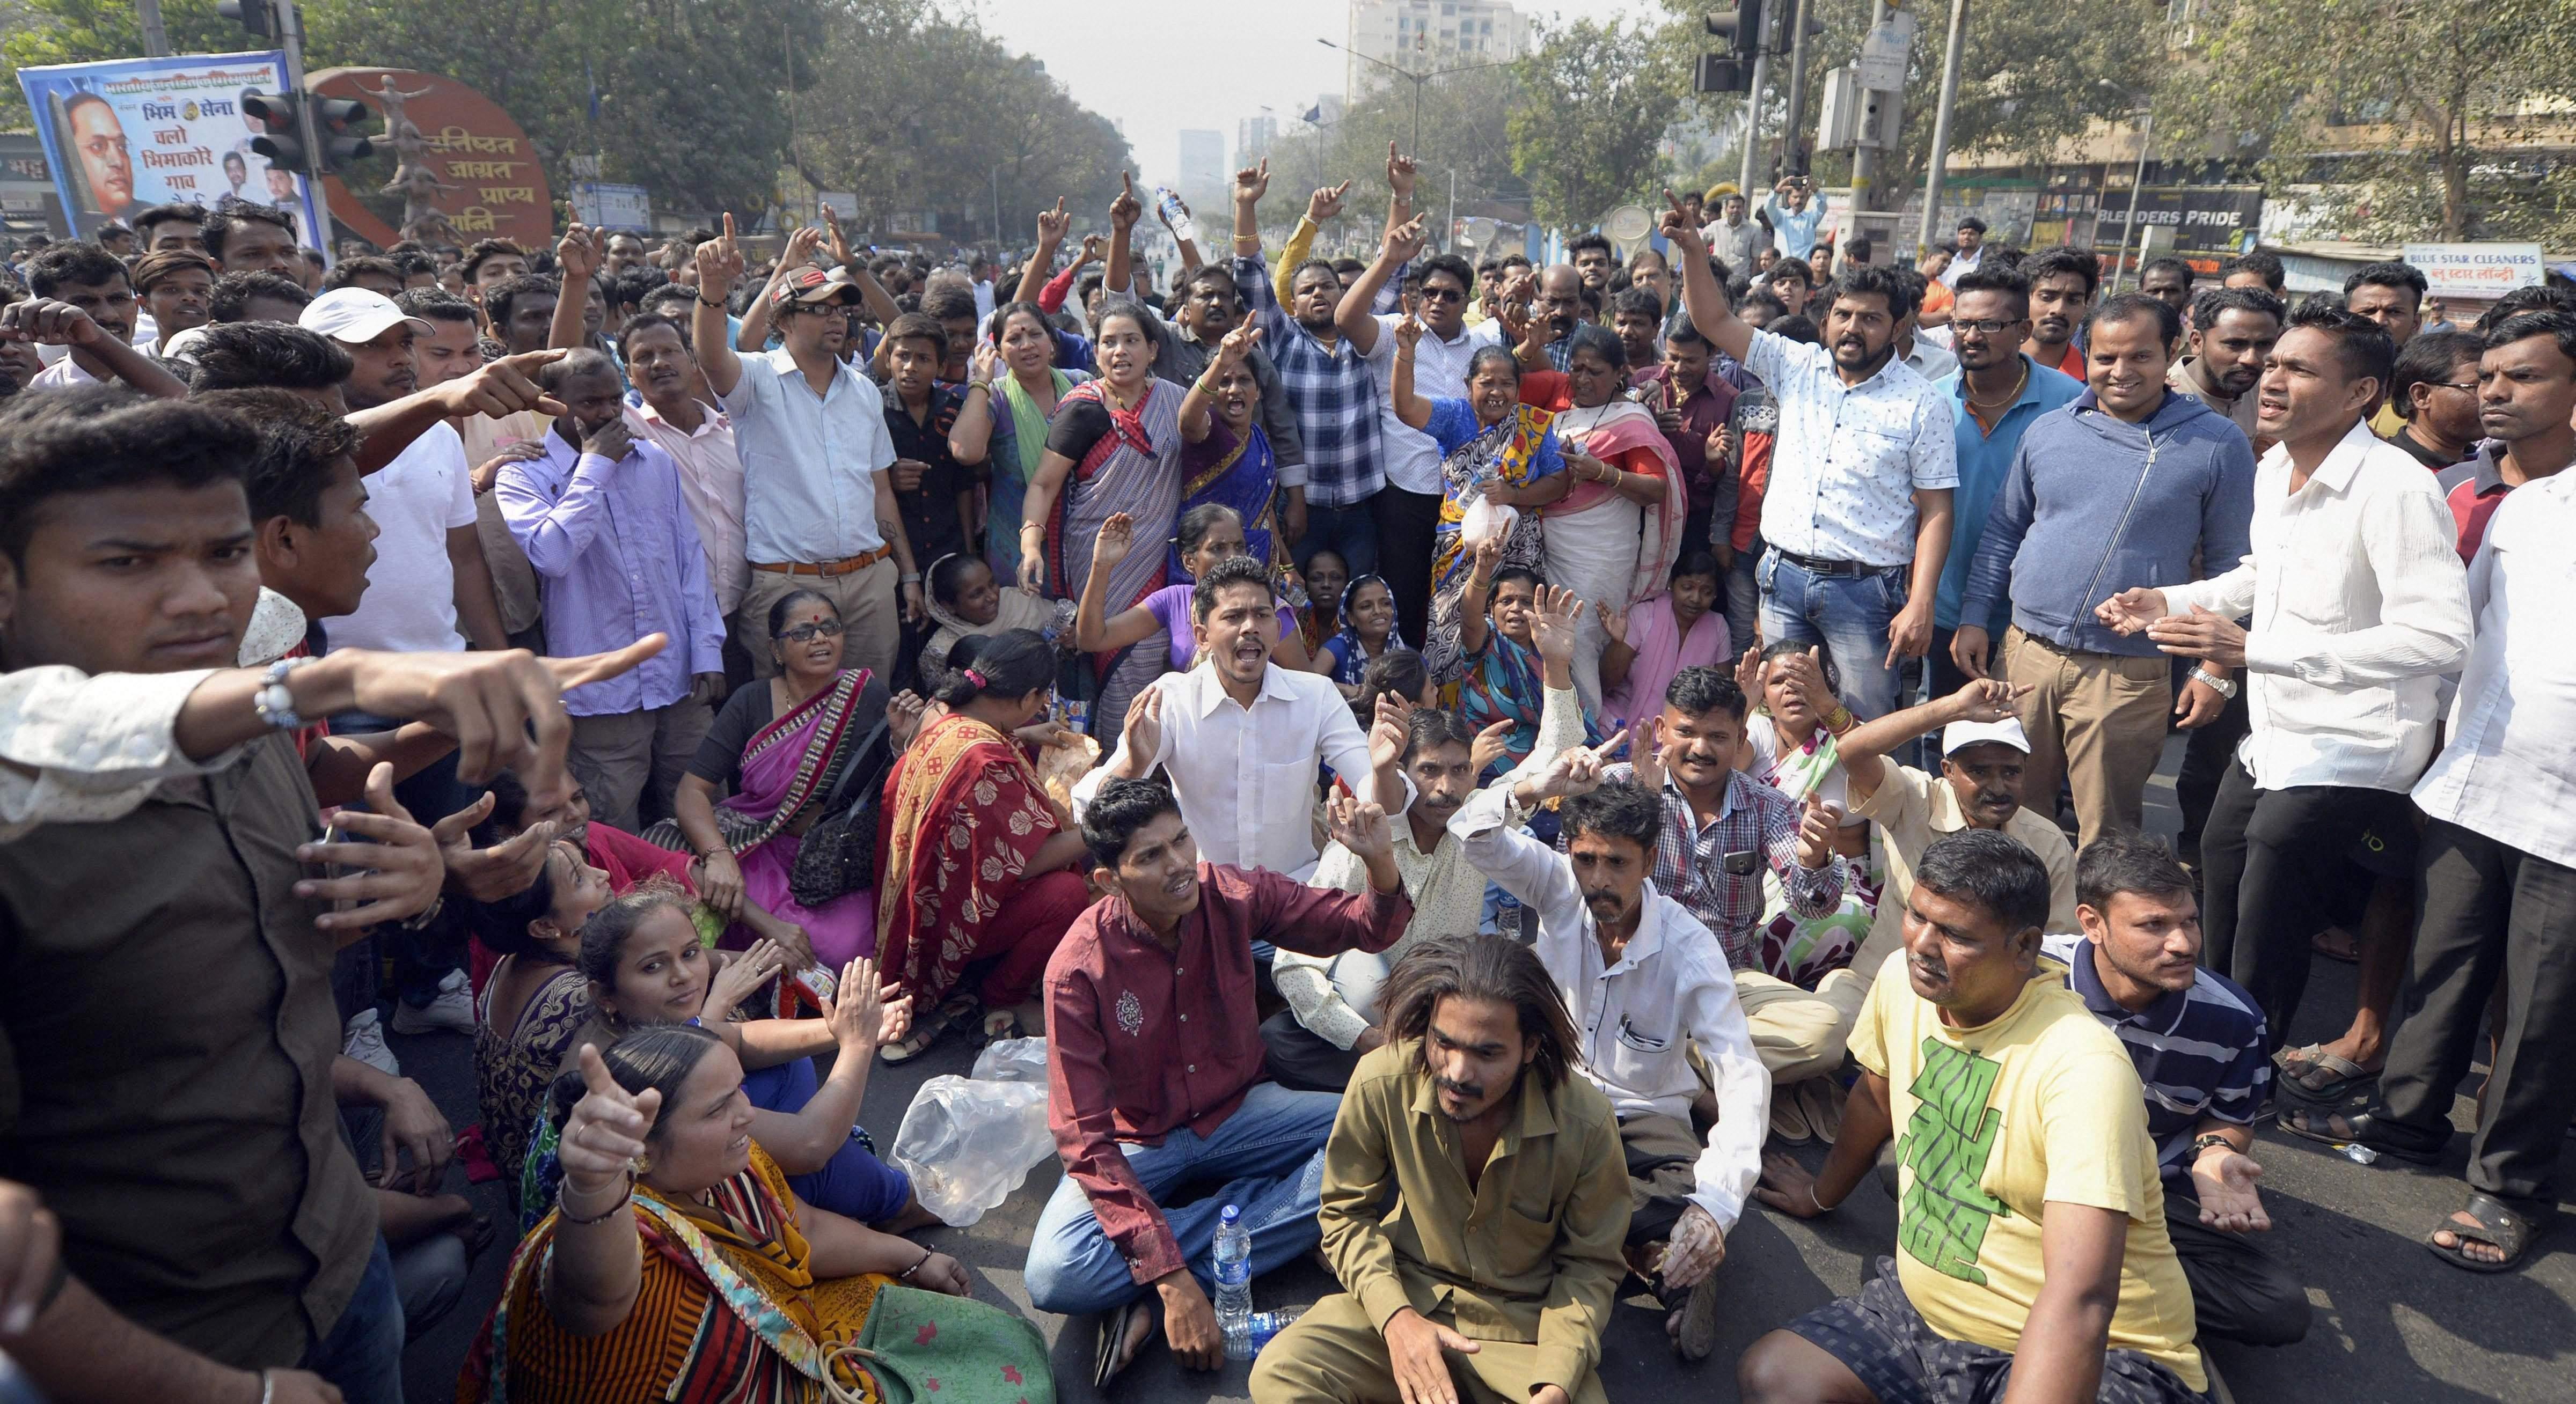 भीमा कोरेगांव हिंसा: महाराष्ट्र बंद, कई जगह तोड़फोड़ जारी, बस सेवाएं ठप